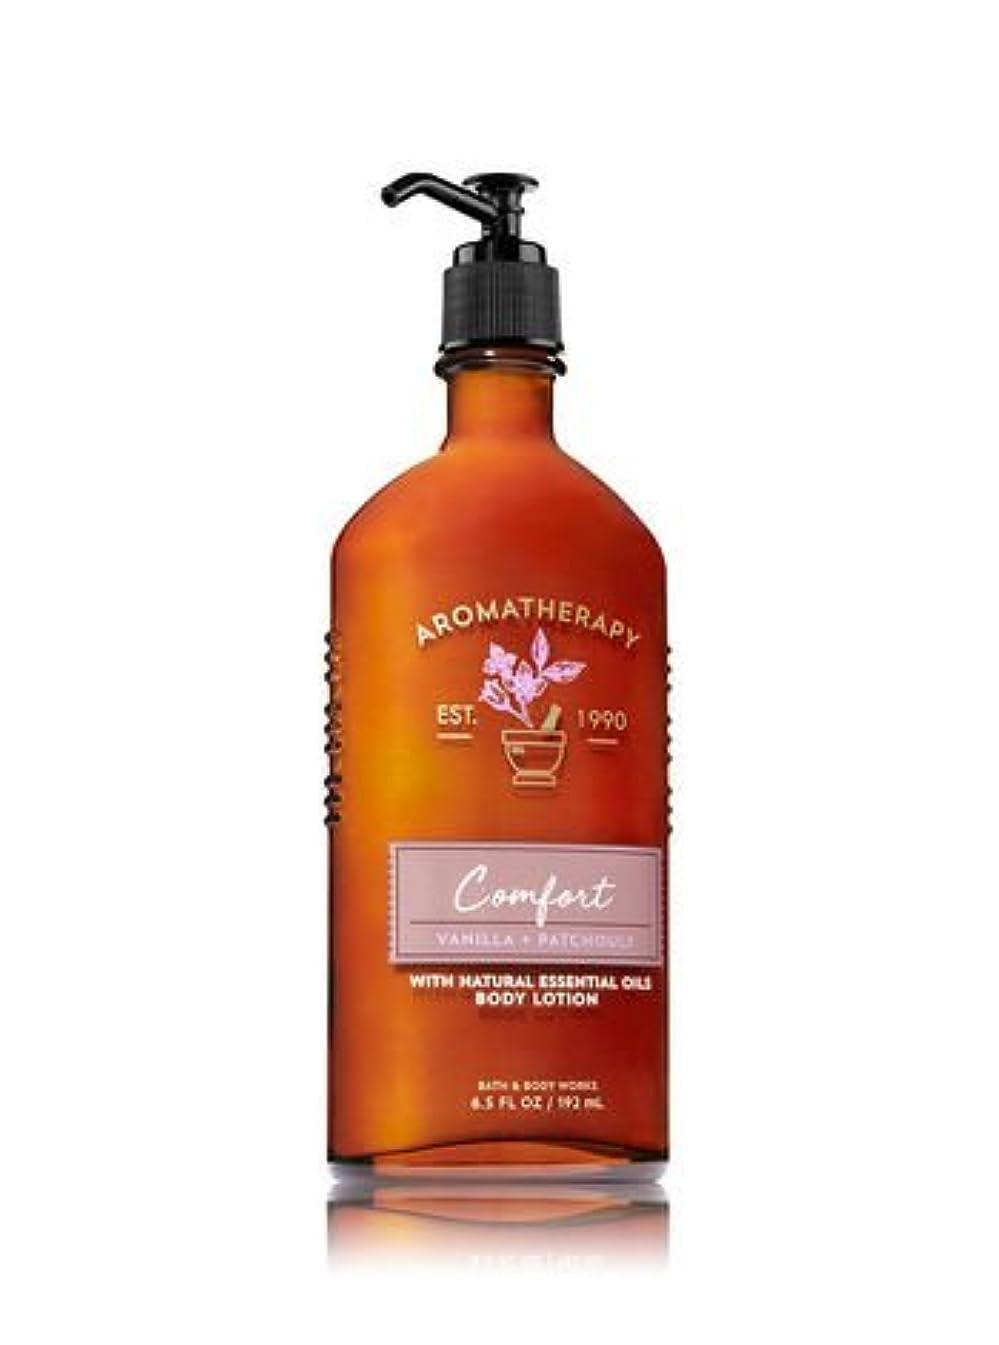 写真を描く下位公【Bath&Body Works/バス&ボディワークス】 ボディローション アロマセラピー コンフォート バニラパチョリ Body Lotion Aromatherapy Comfort Vanilla Patchouli 6.5 fl oz / 192 mL [並行輸入品]